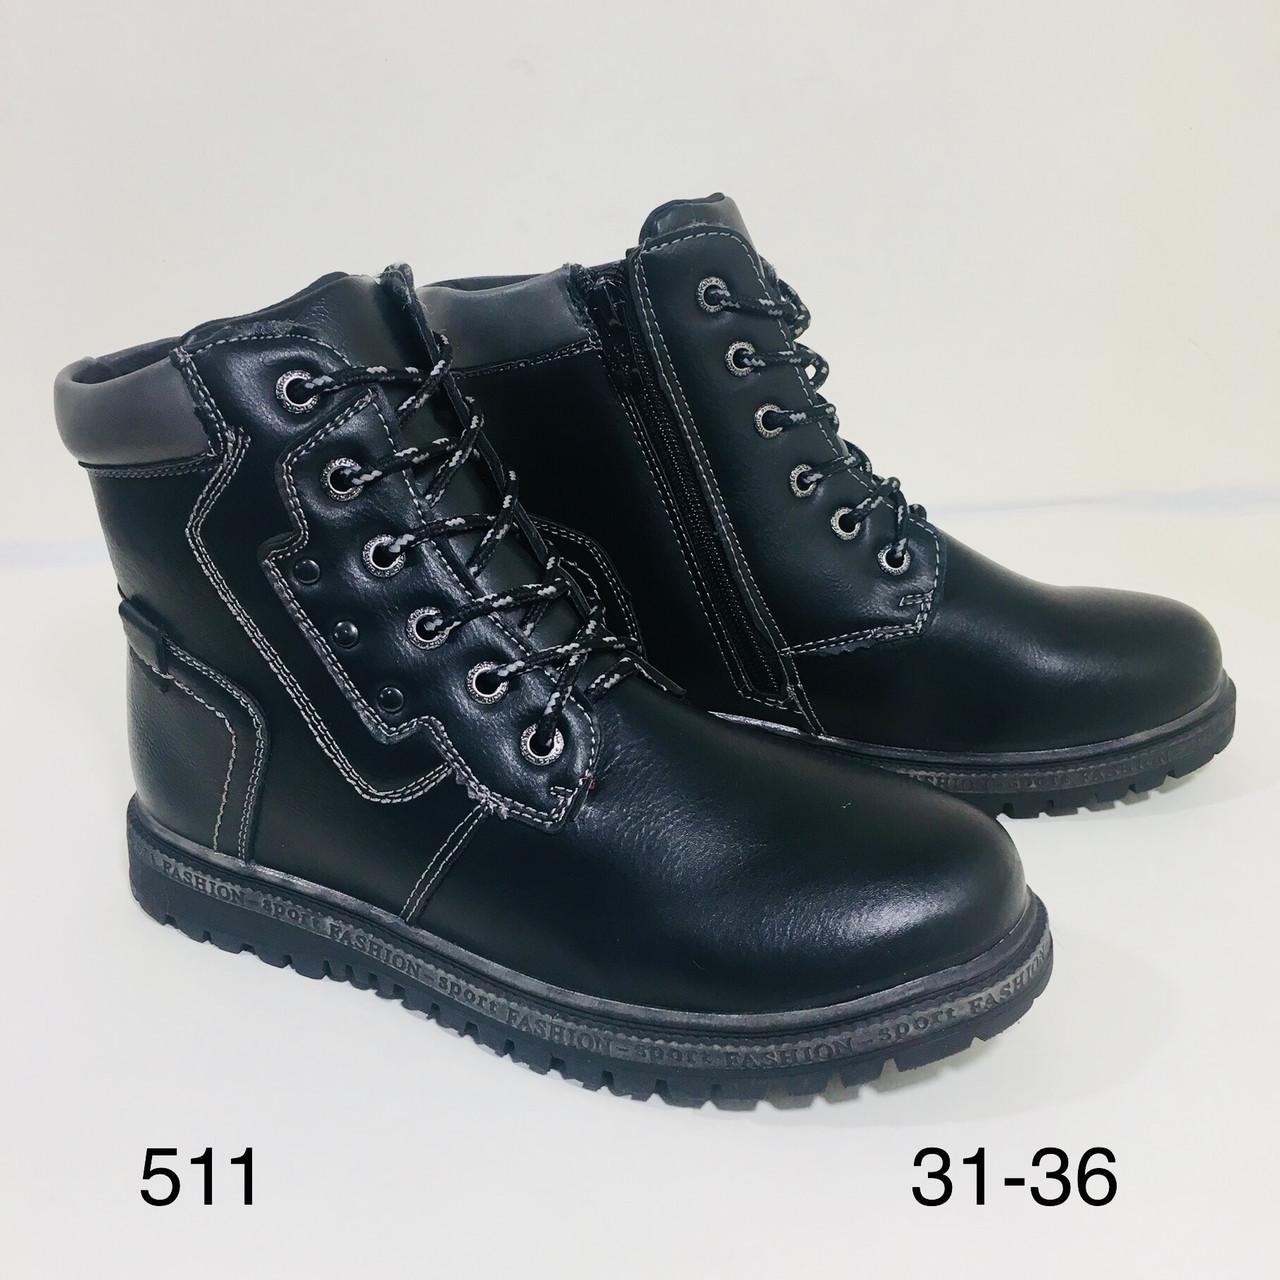 Ботинки Olipas зима 511 р.31-36  продажа, цена в Одессе. от ... 9f40b783802